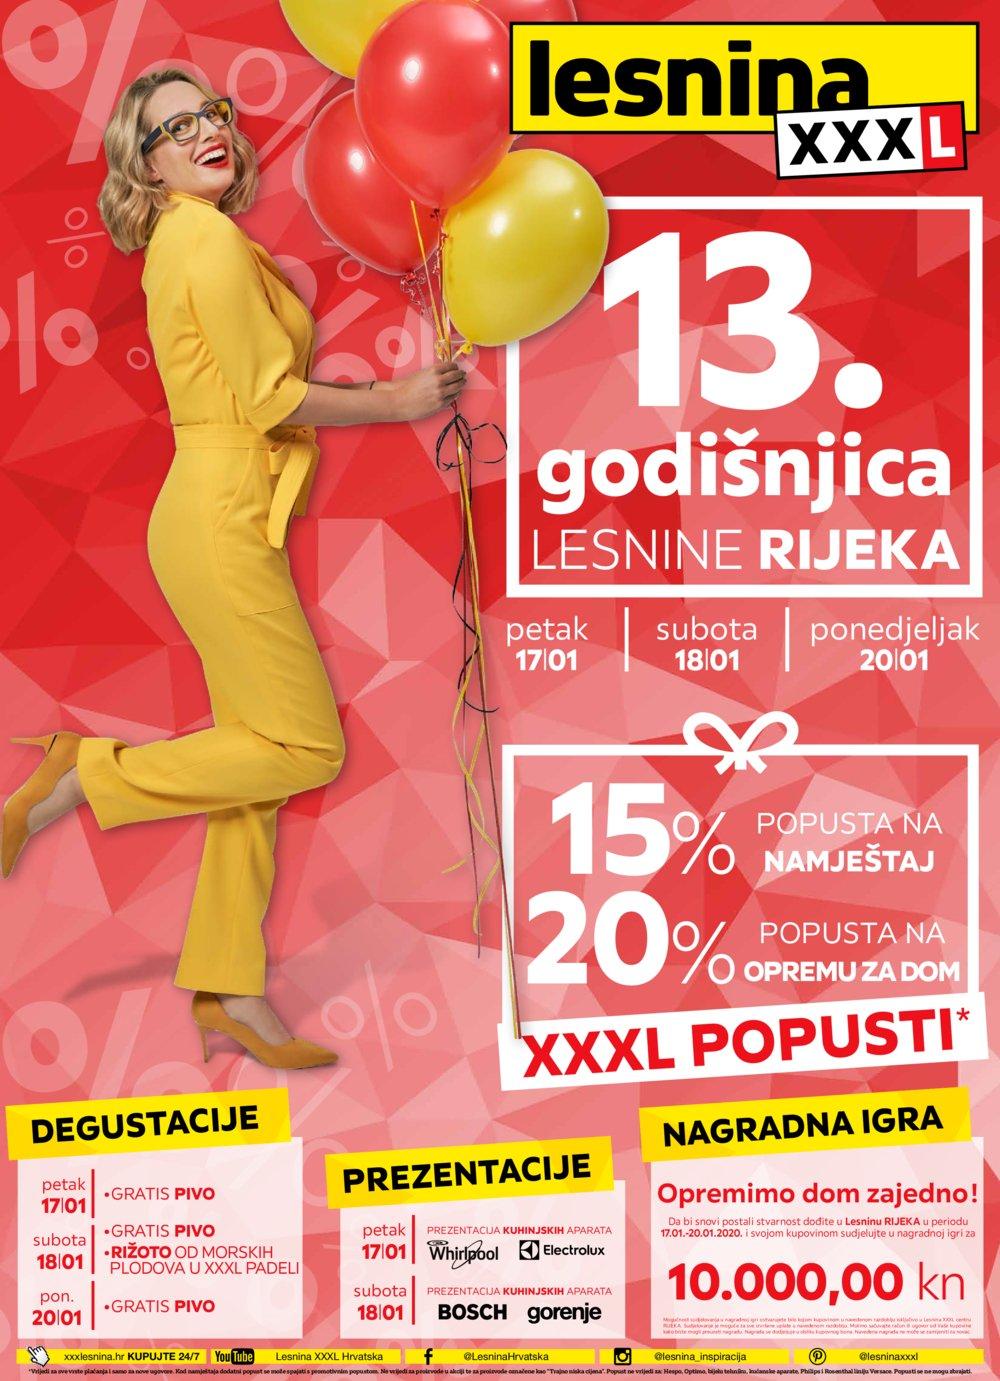 Lesnina katalog 13.godišnjica Rijeka 17.01.-20.01.2020.